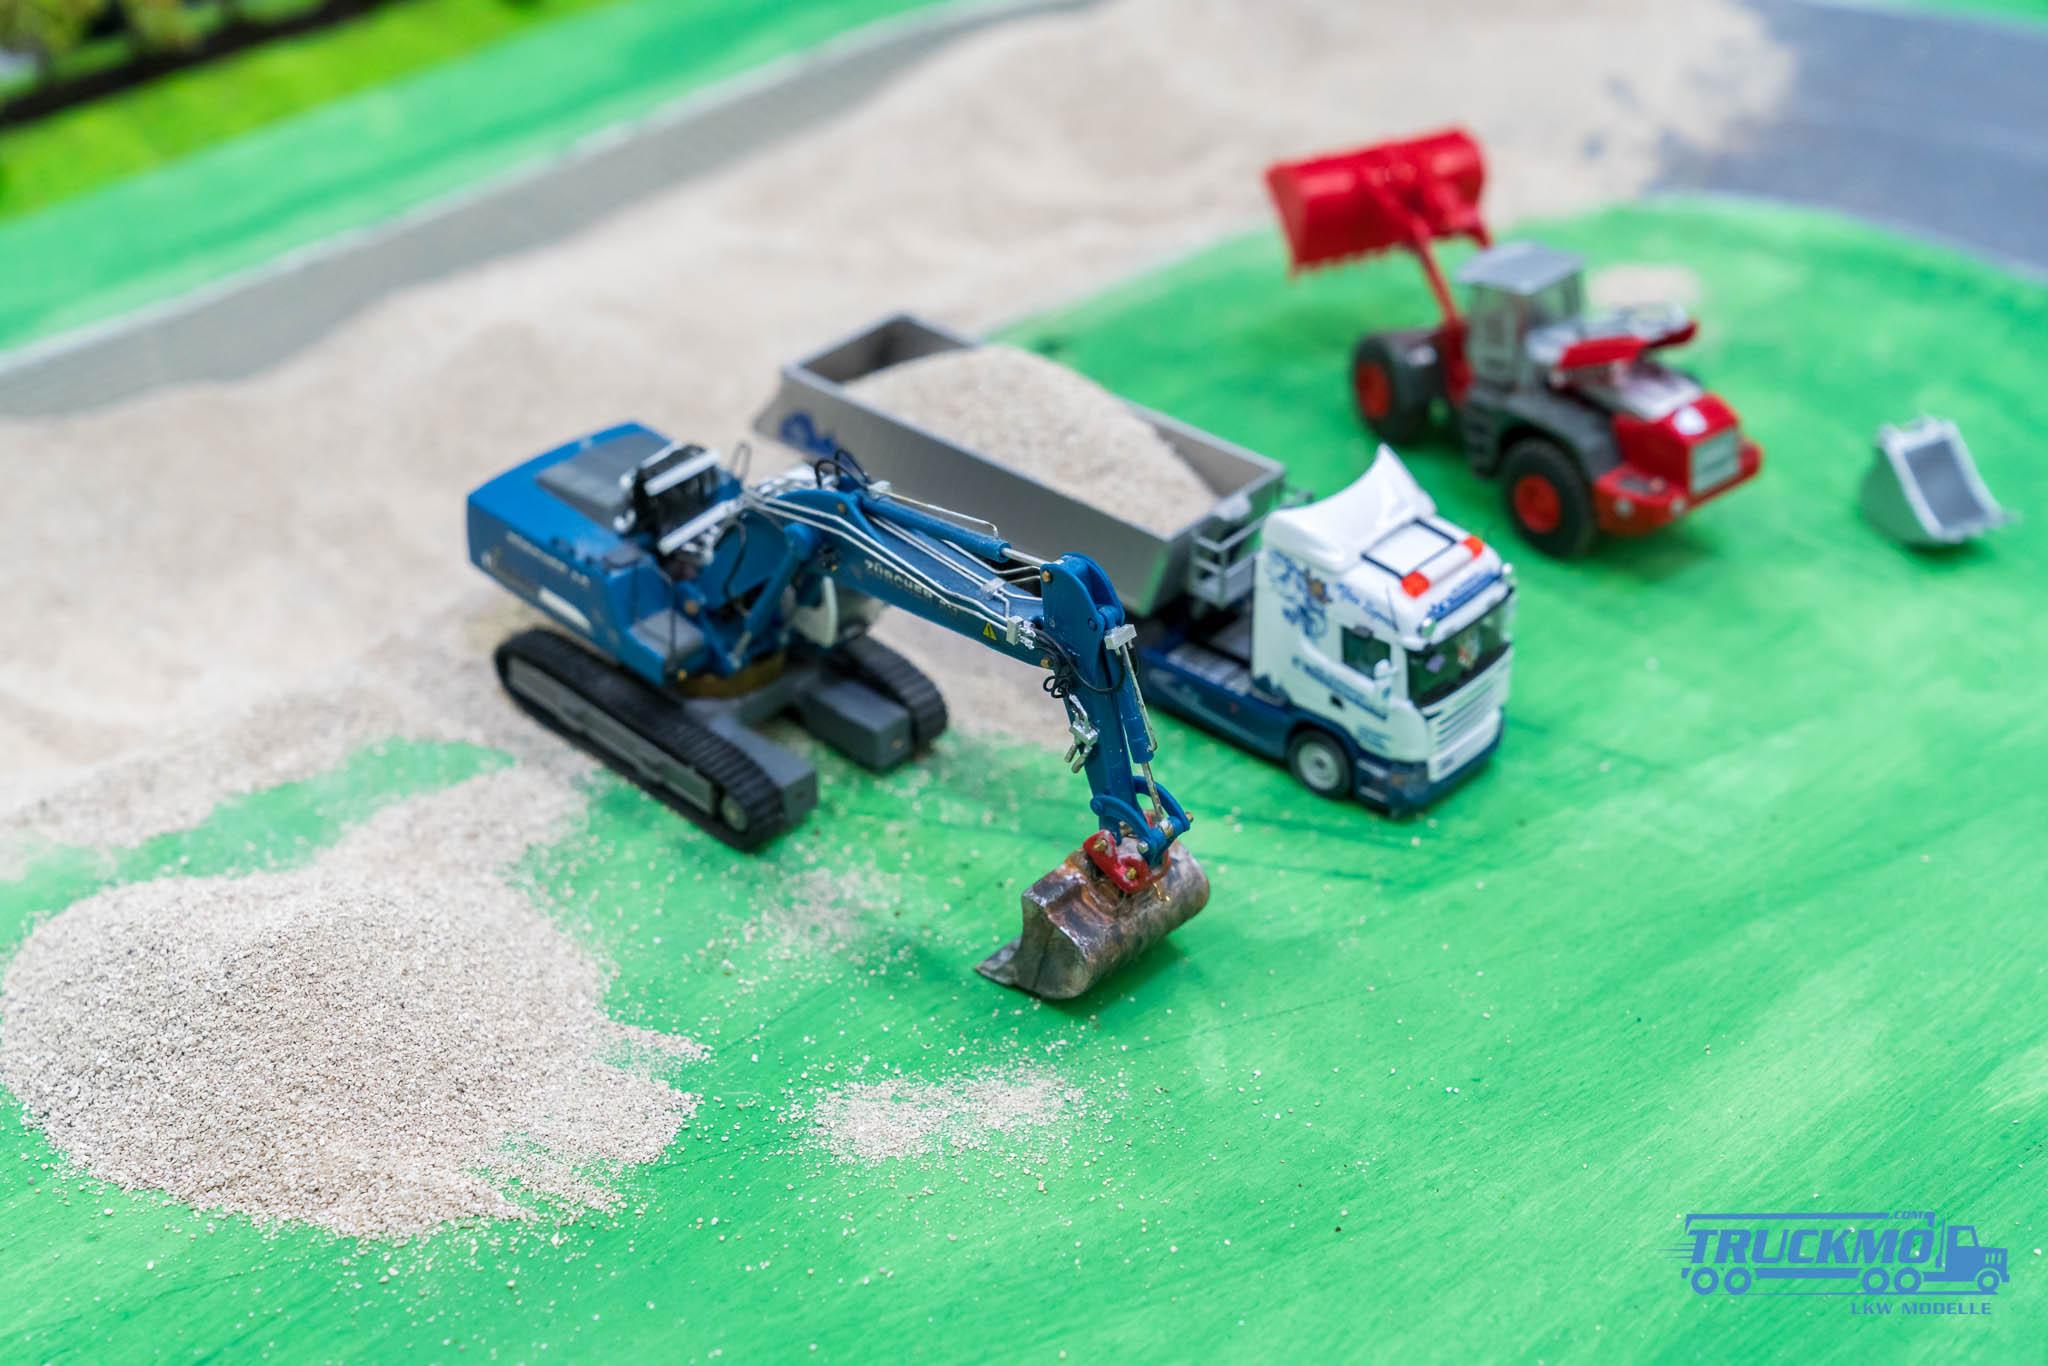 Truckmo_Modellbau_Ried_2017_Herpa_Messe_Modellbauausstellung (171 von 1177)